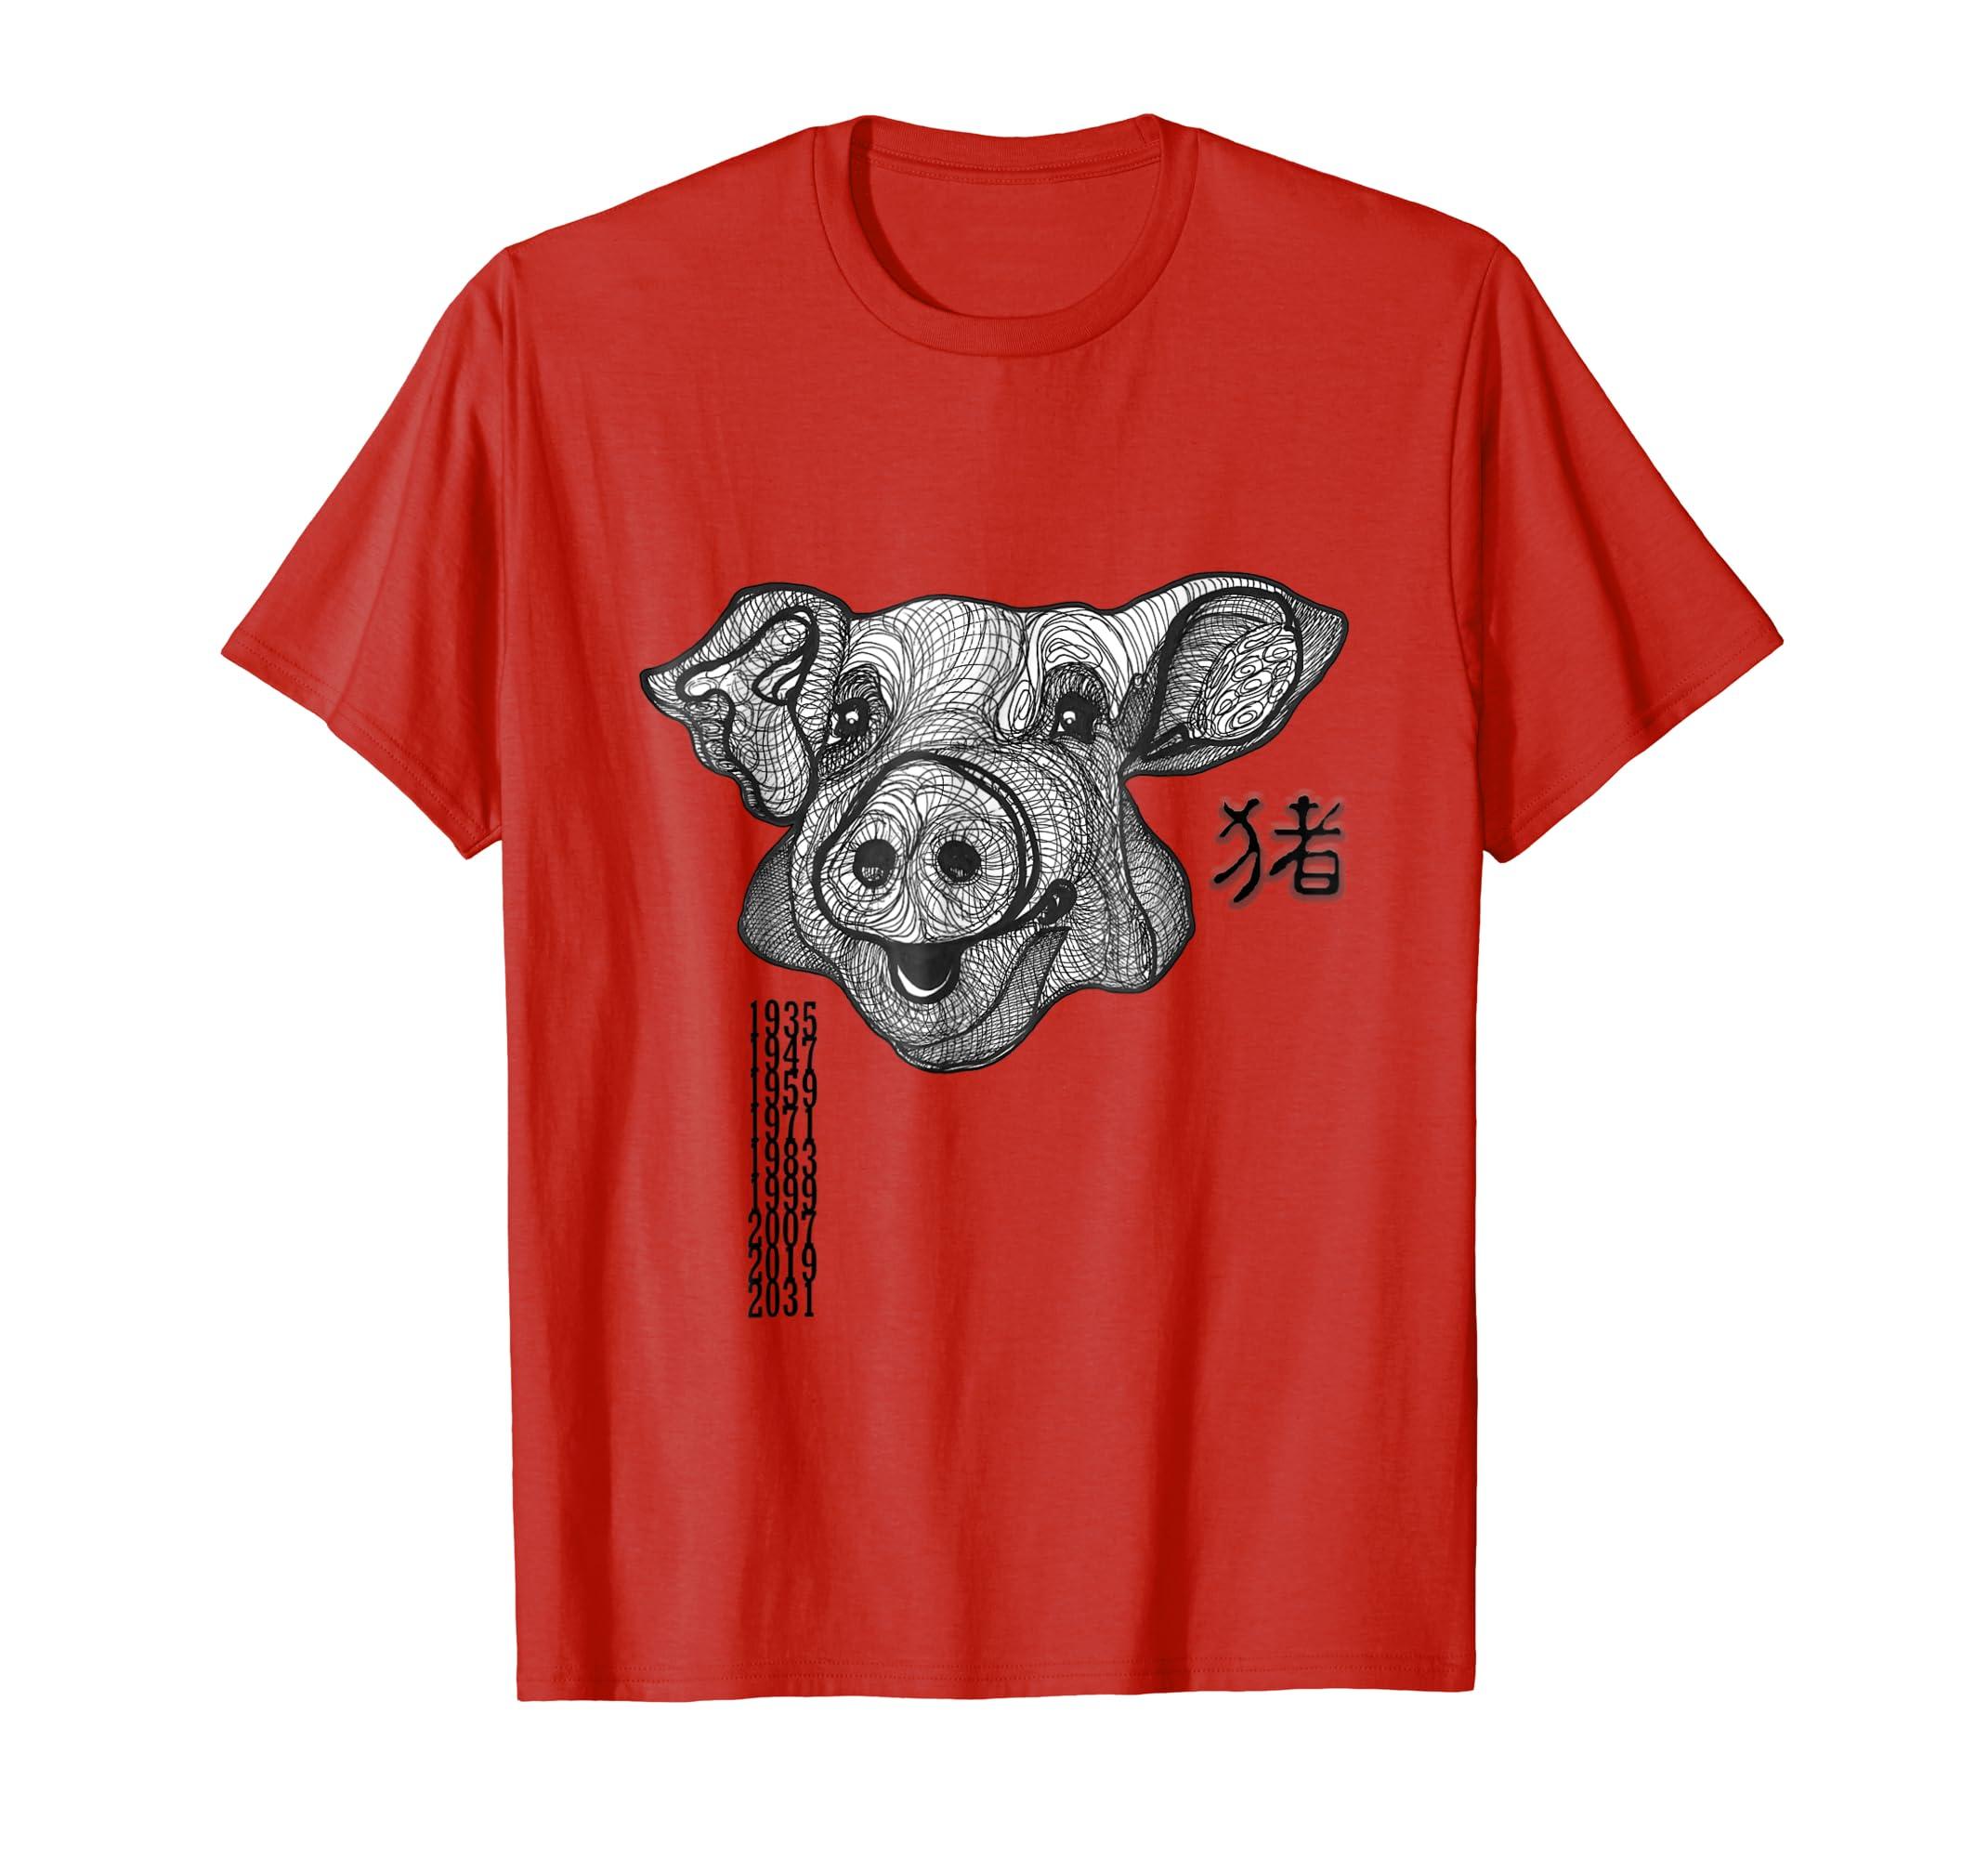 Zodiac Pig Year lucky 2019 Standard T shirt by Pelari Design-azvn